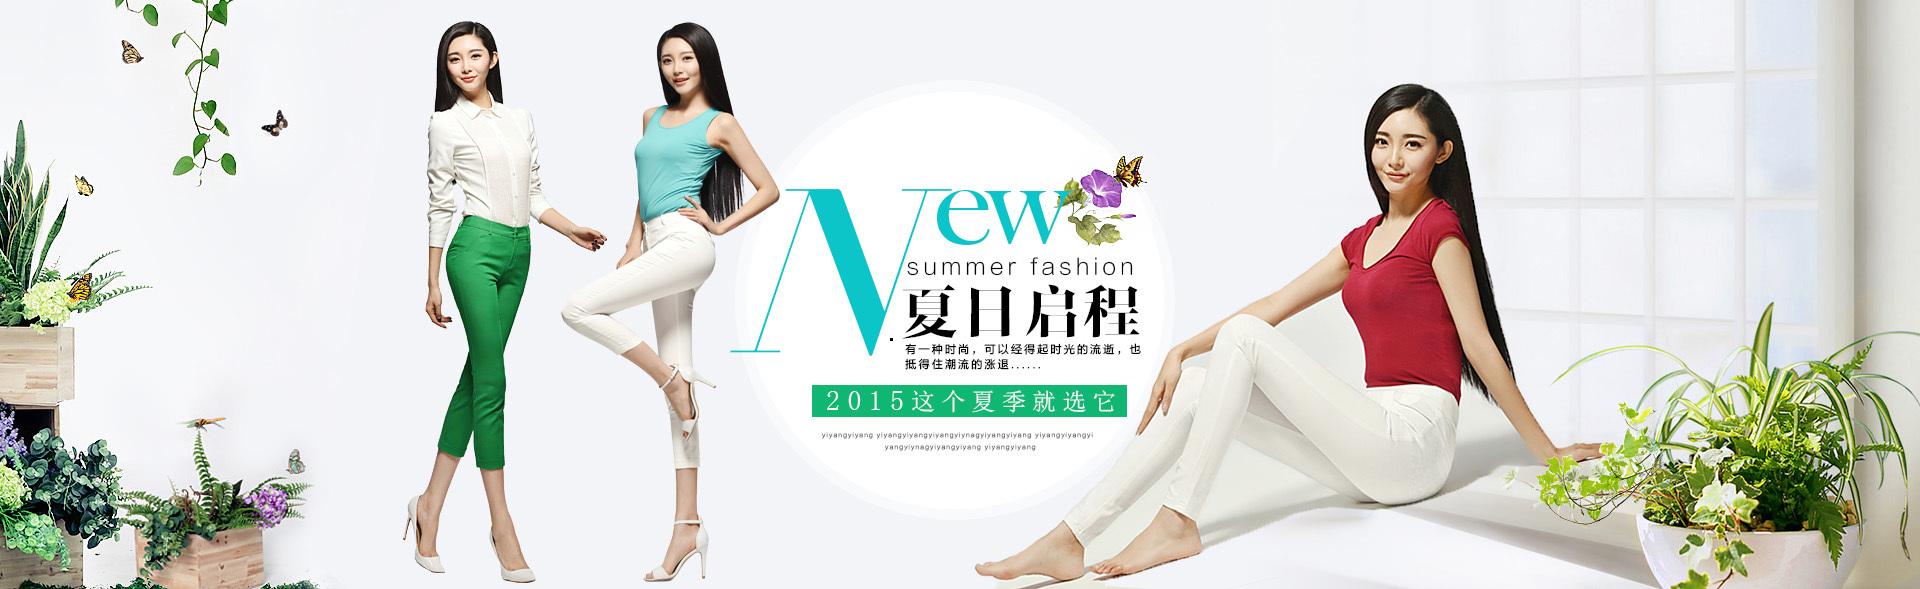 女装海报设计图片